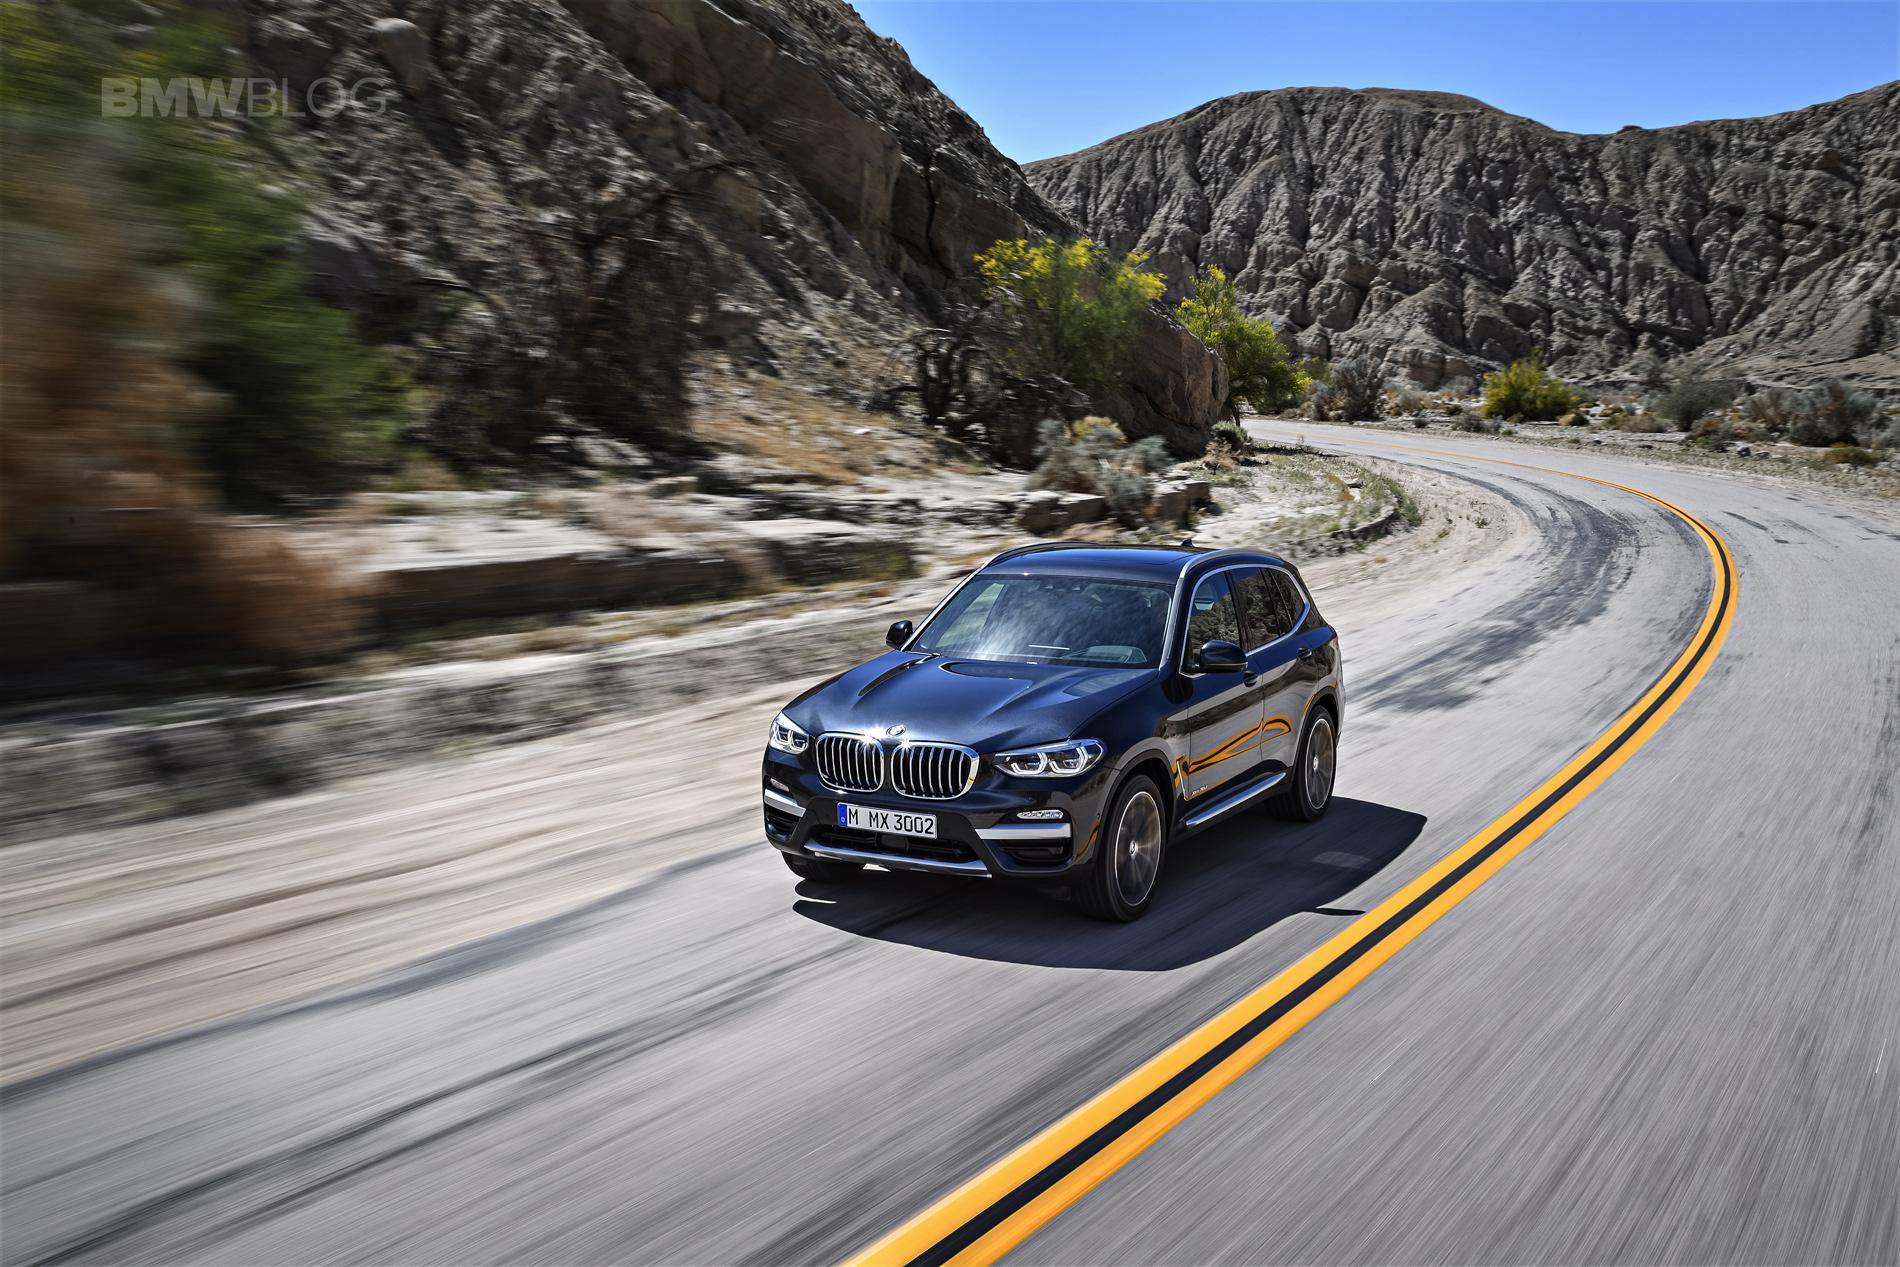 2018 BMW X3 xLine 43